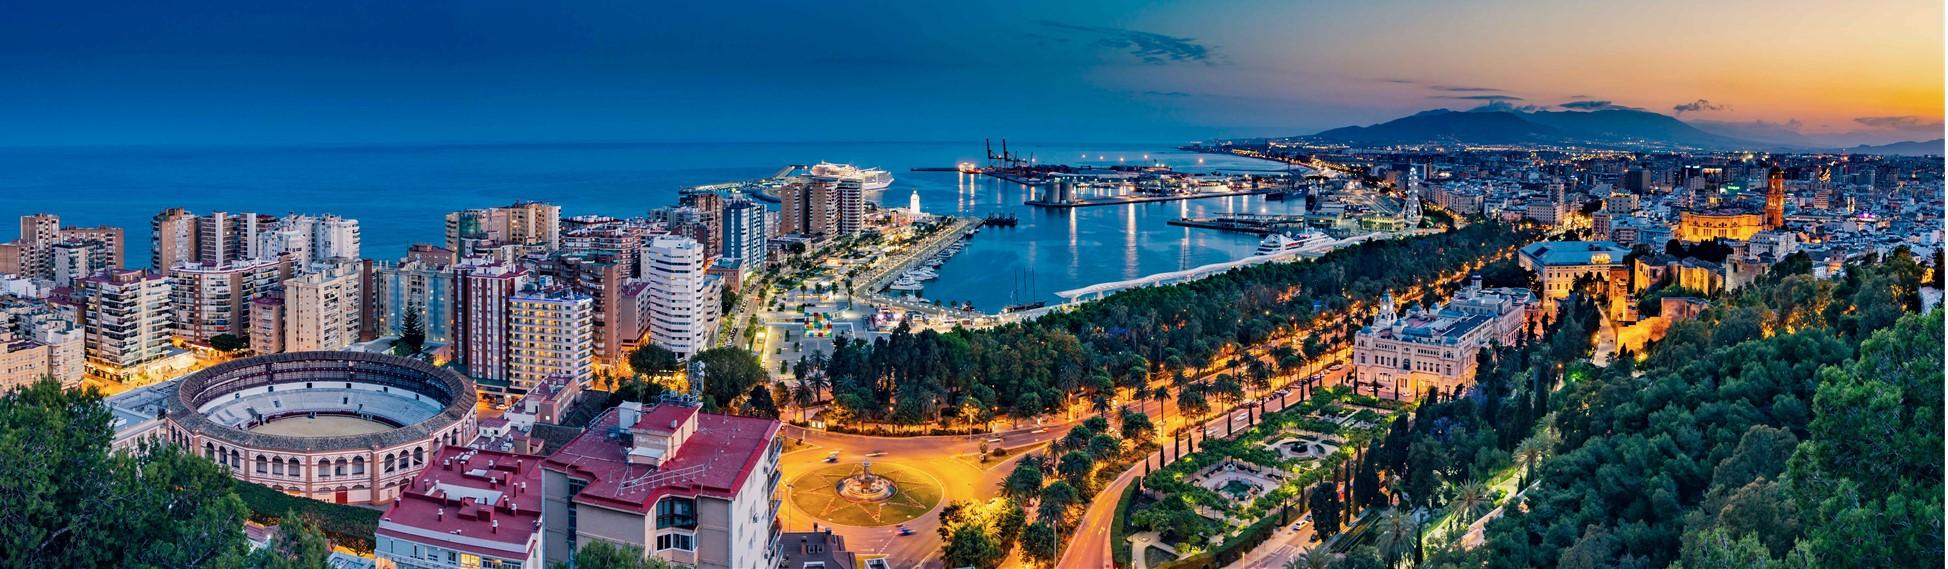 Malaga Superyacht Marina